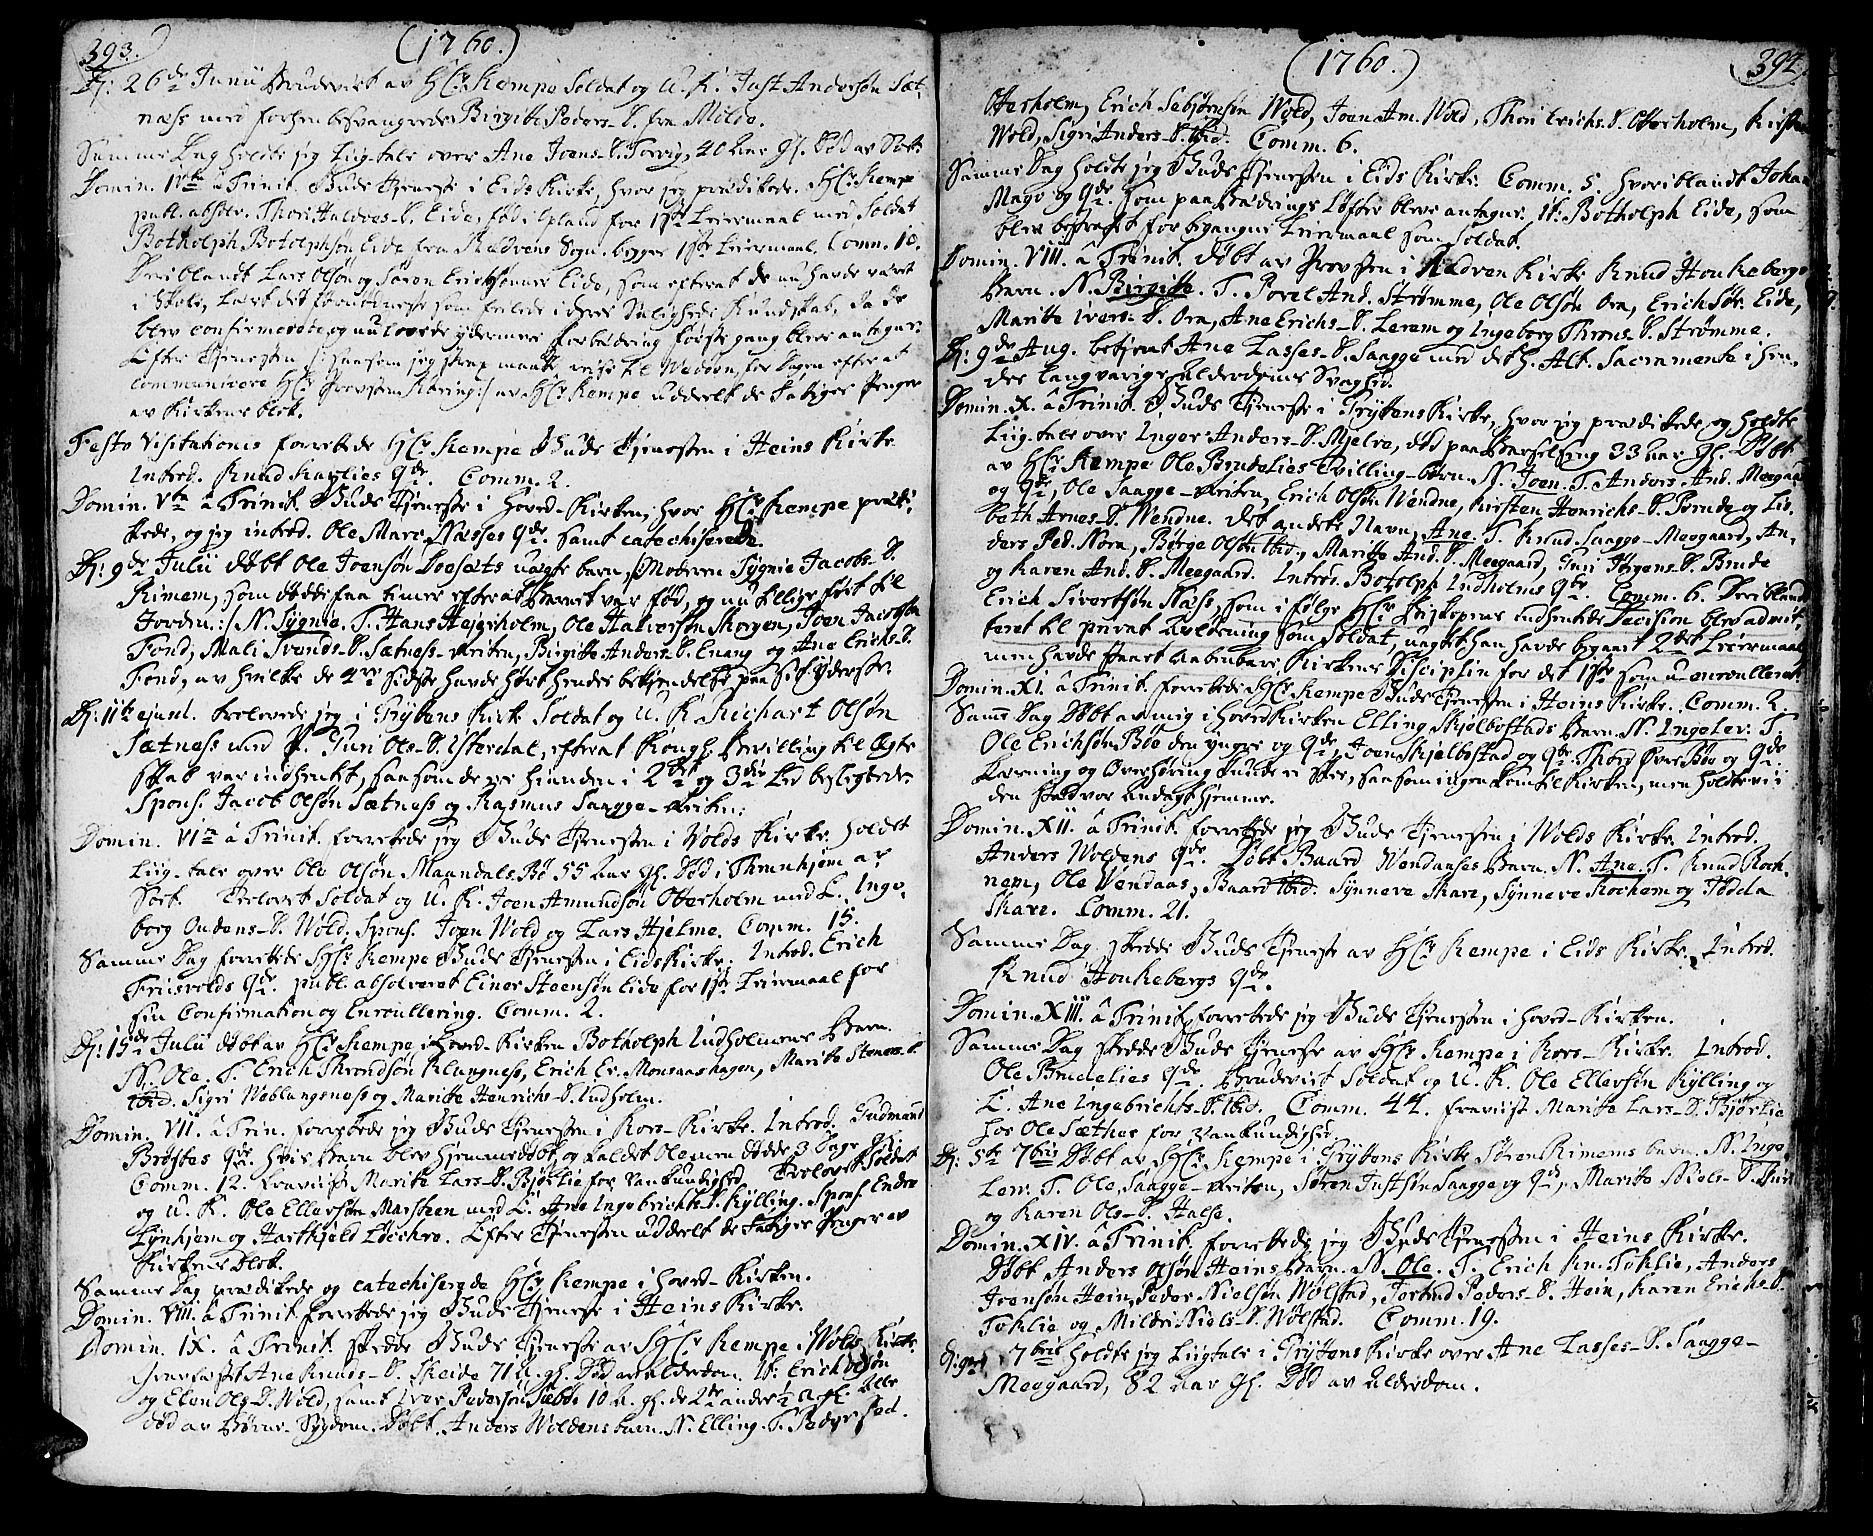 SAT, Ministerialprotokoller, klokkerbøker og fødselsregistre - Møre og Romsdal, 544/L0568: Ministerialbok nr. 544A01, 1725-1763, s. 393-394